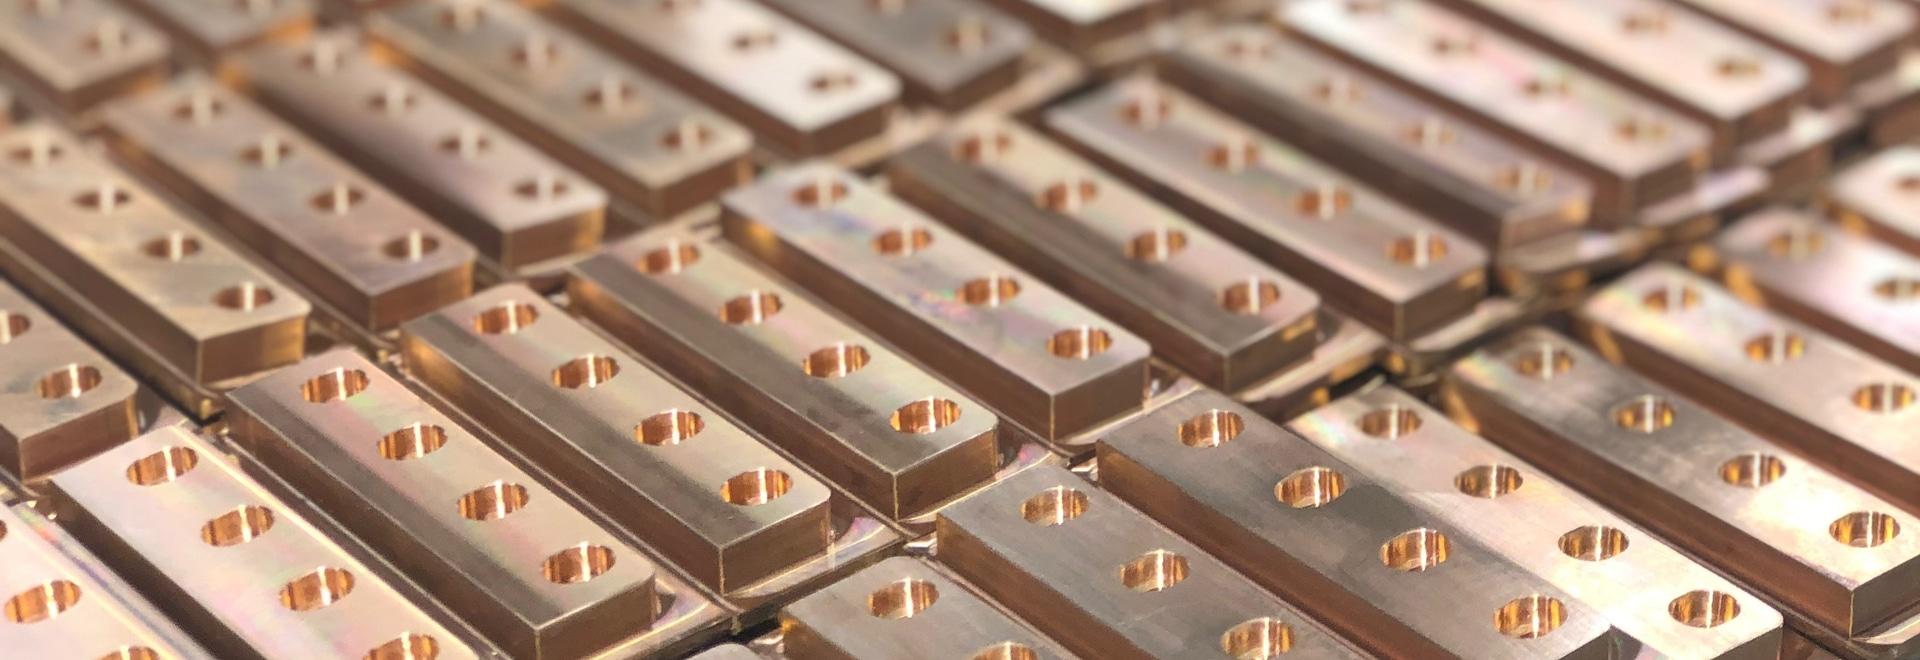 Piezas de ingeniería de precisión en el taller de máquinas